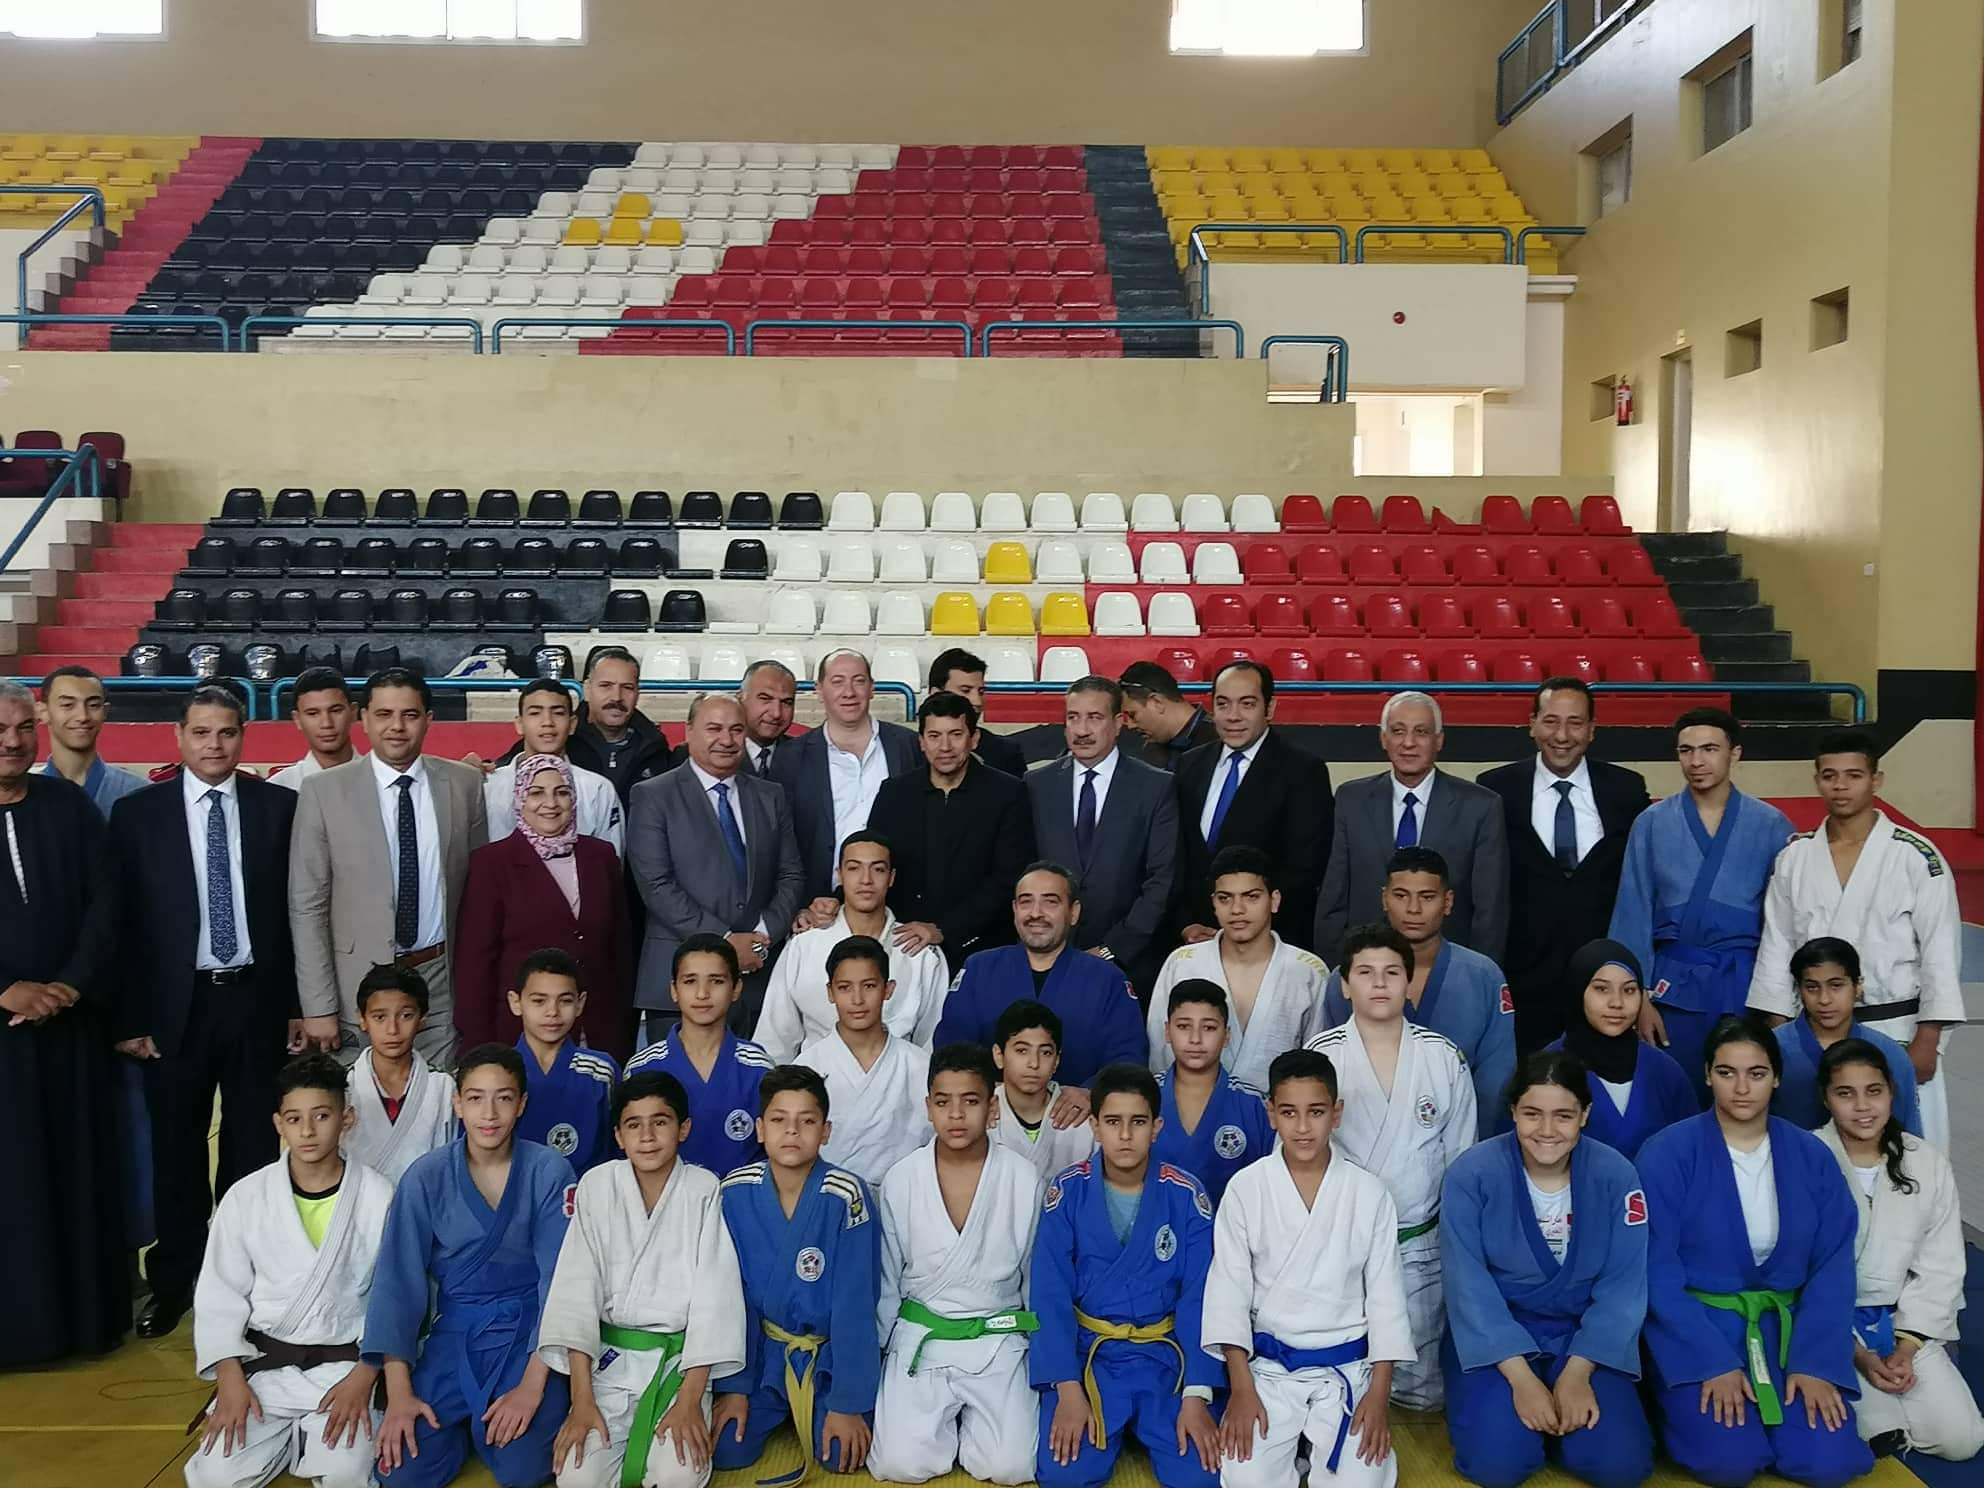 وزير الشباب يتابع عروض الجودو والمصارعة (3)